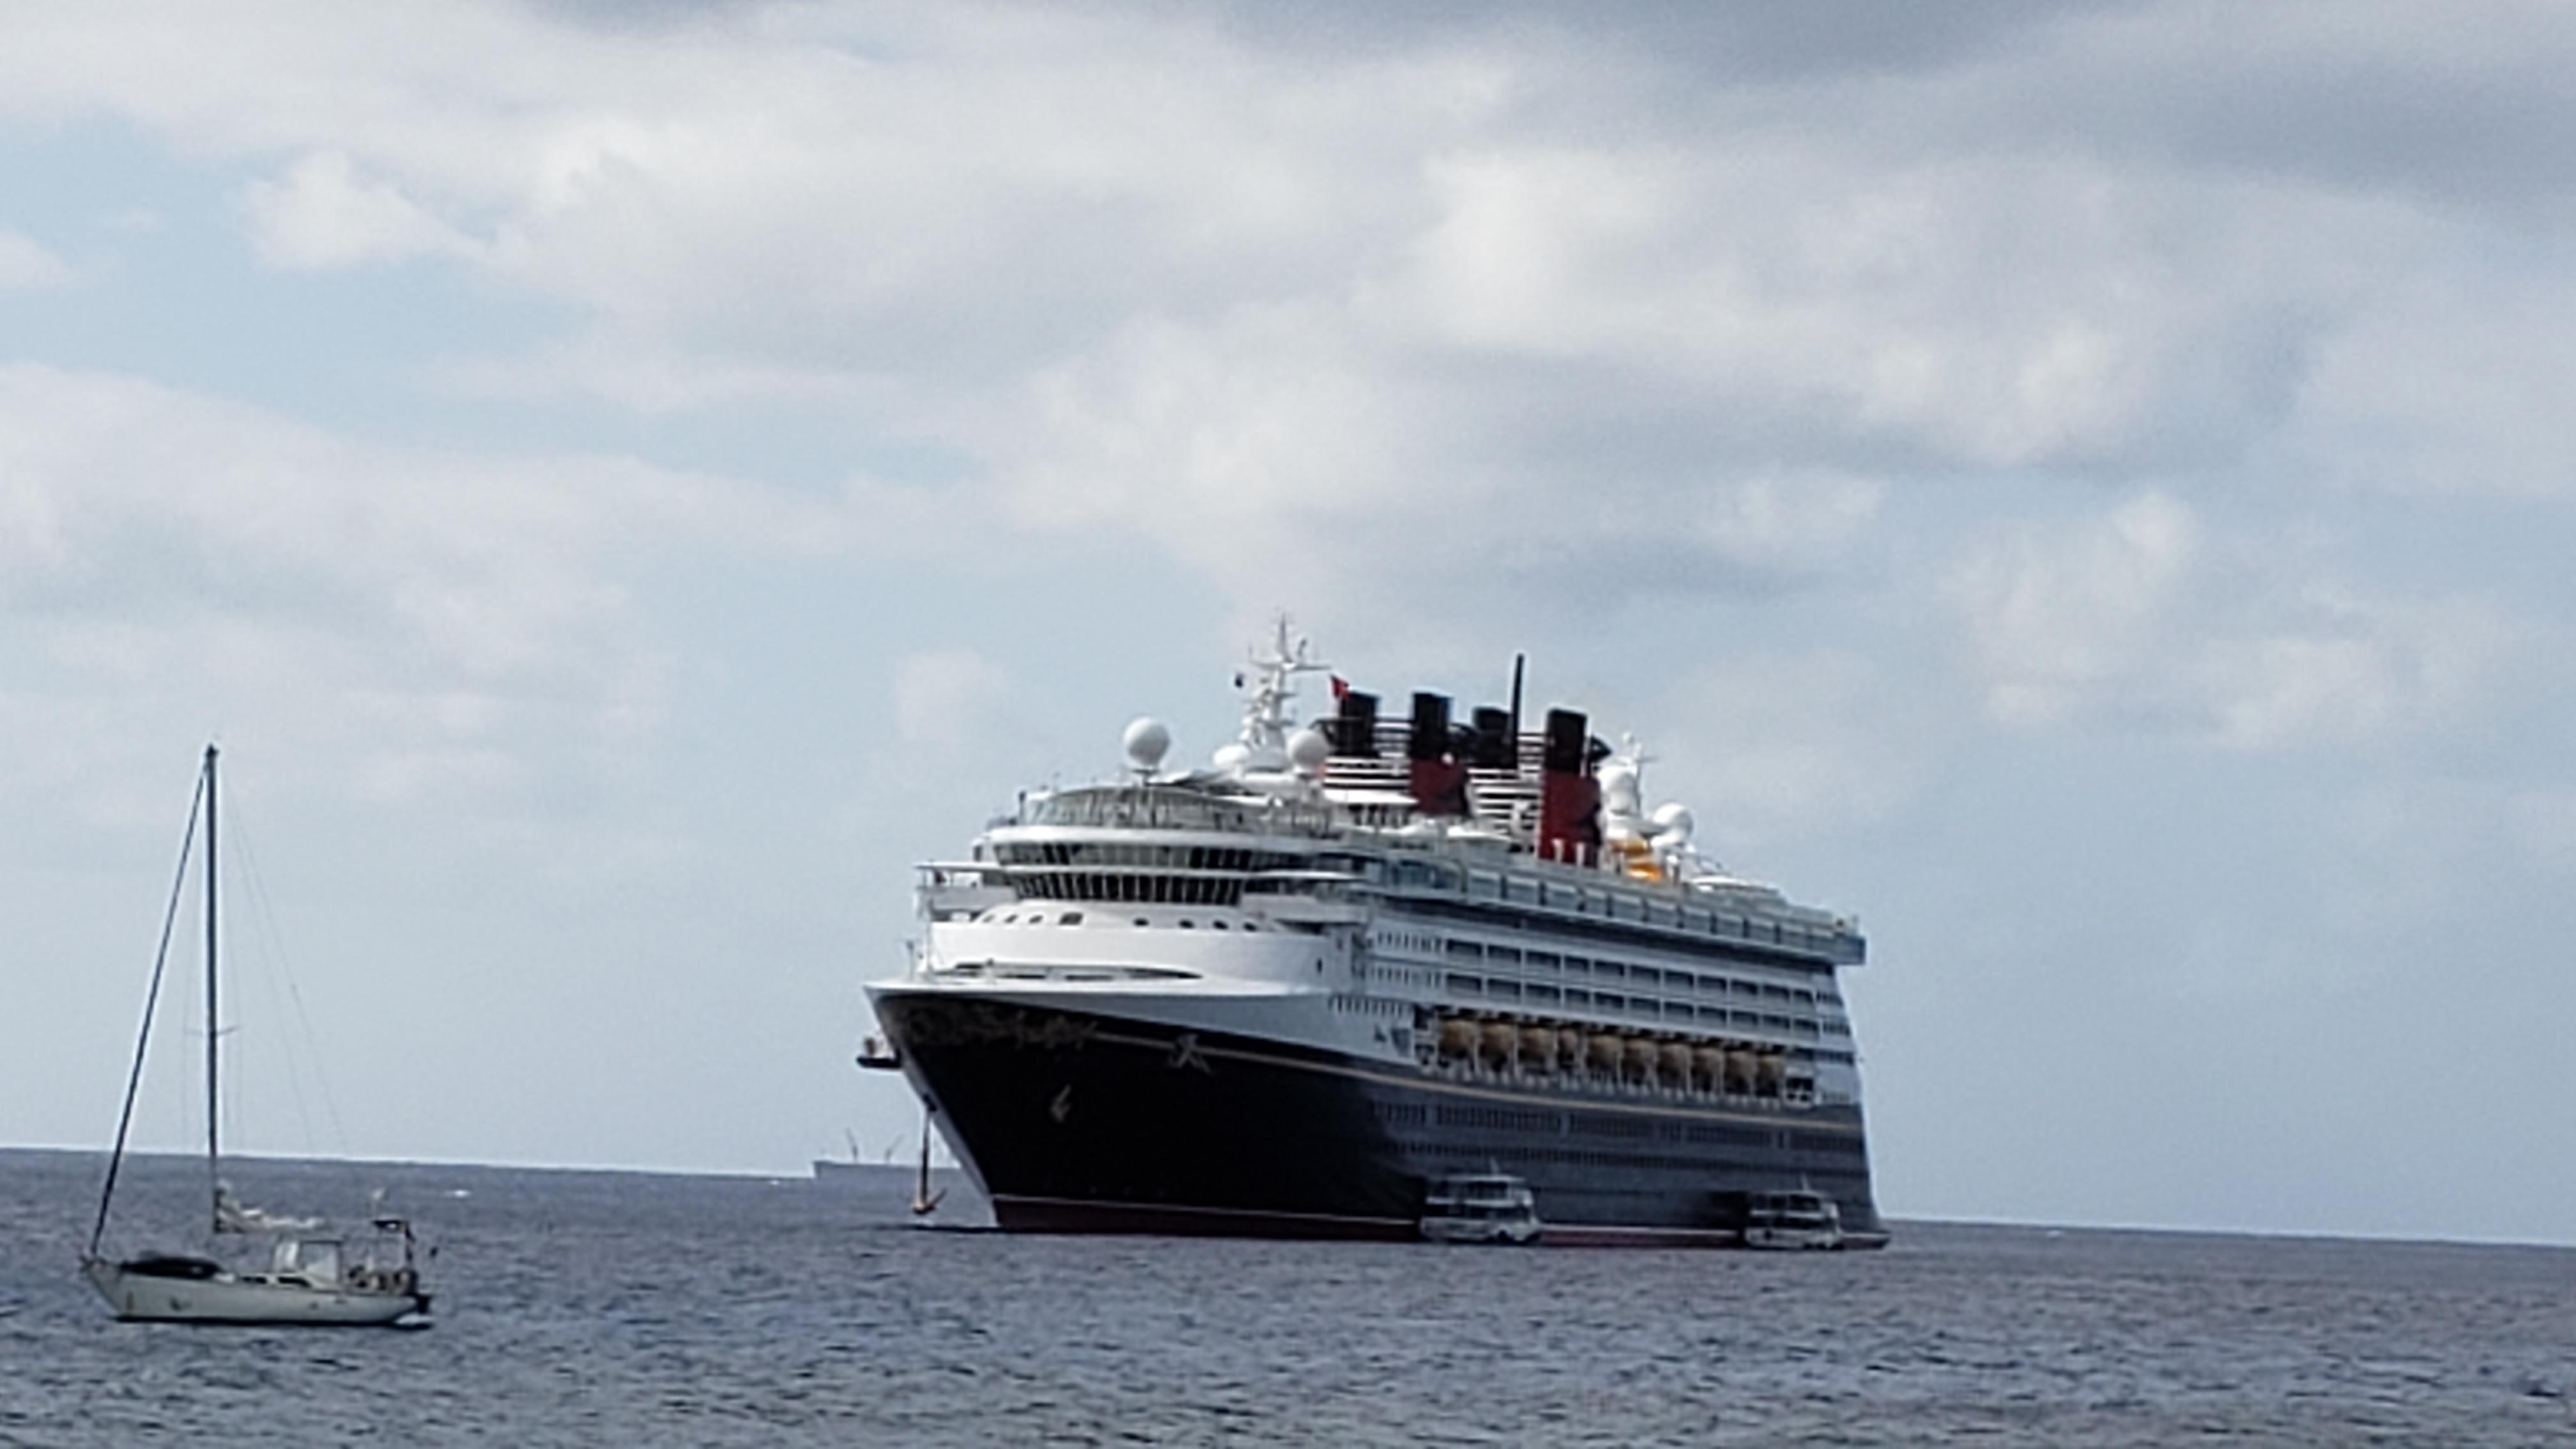 Disney Wonder ship at sea